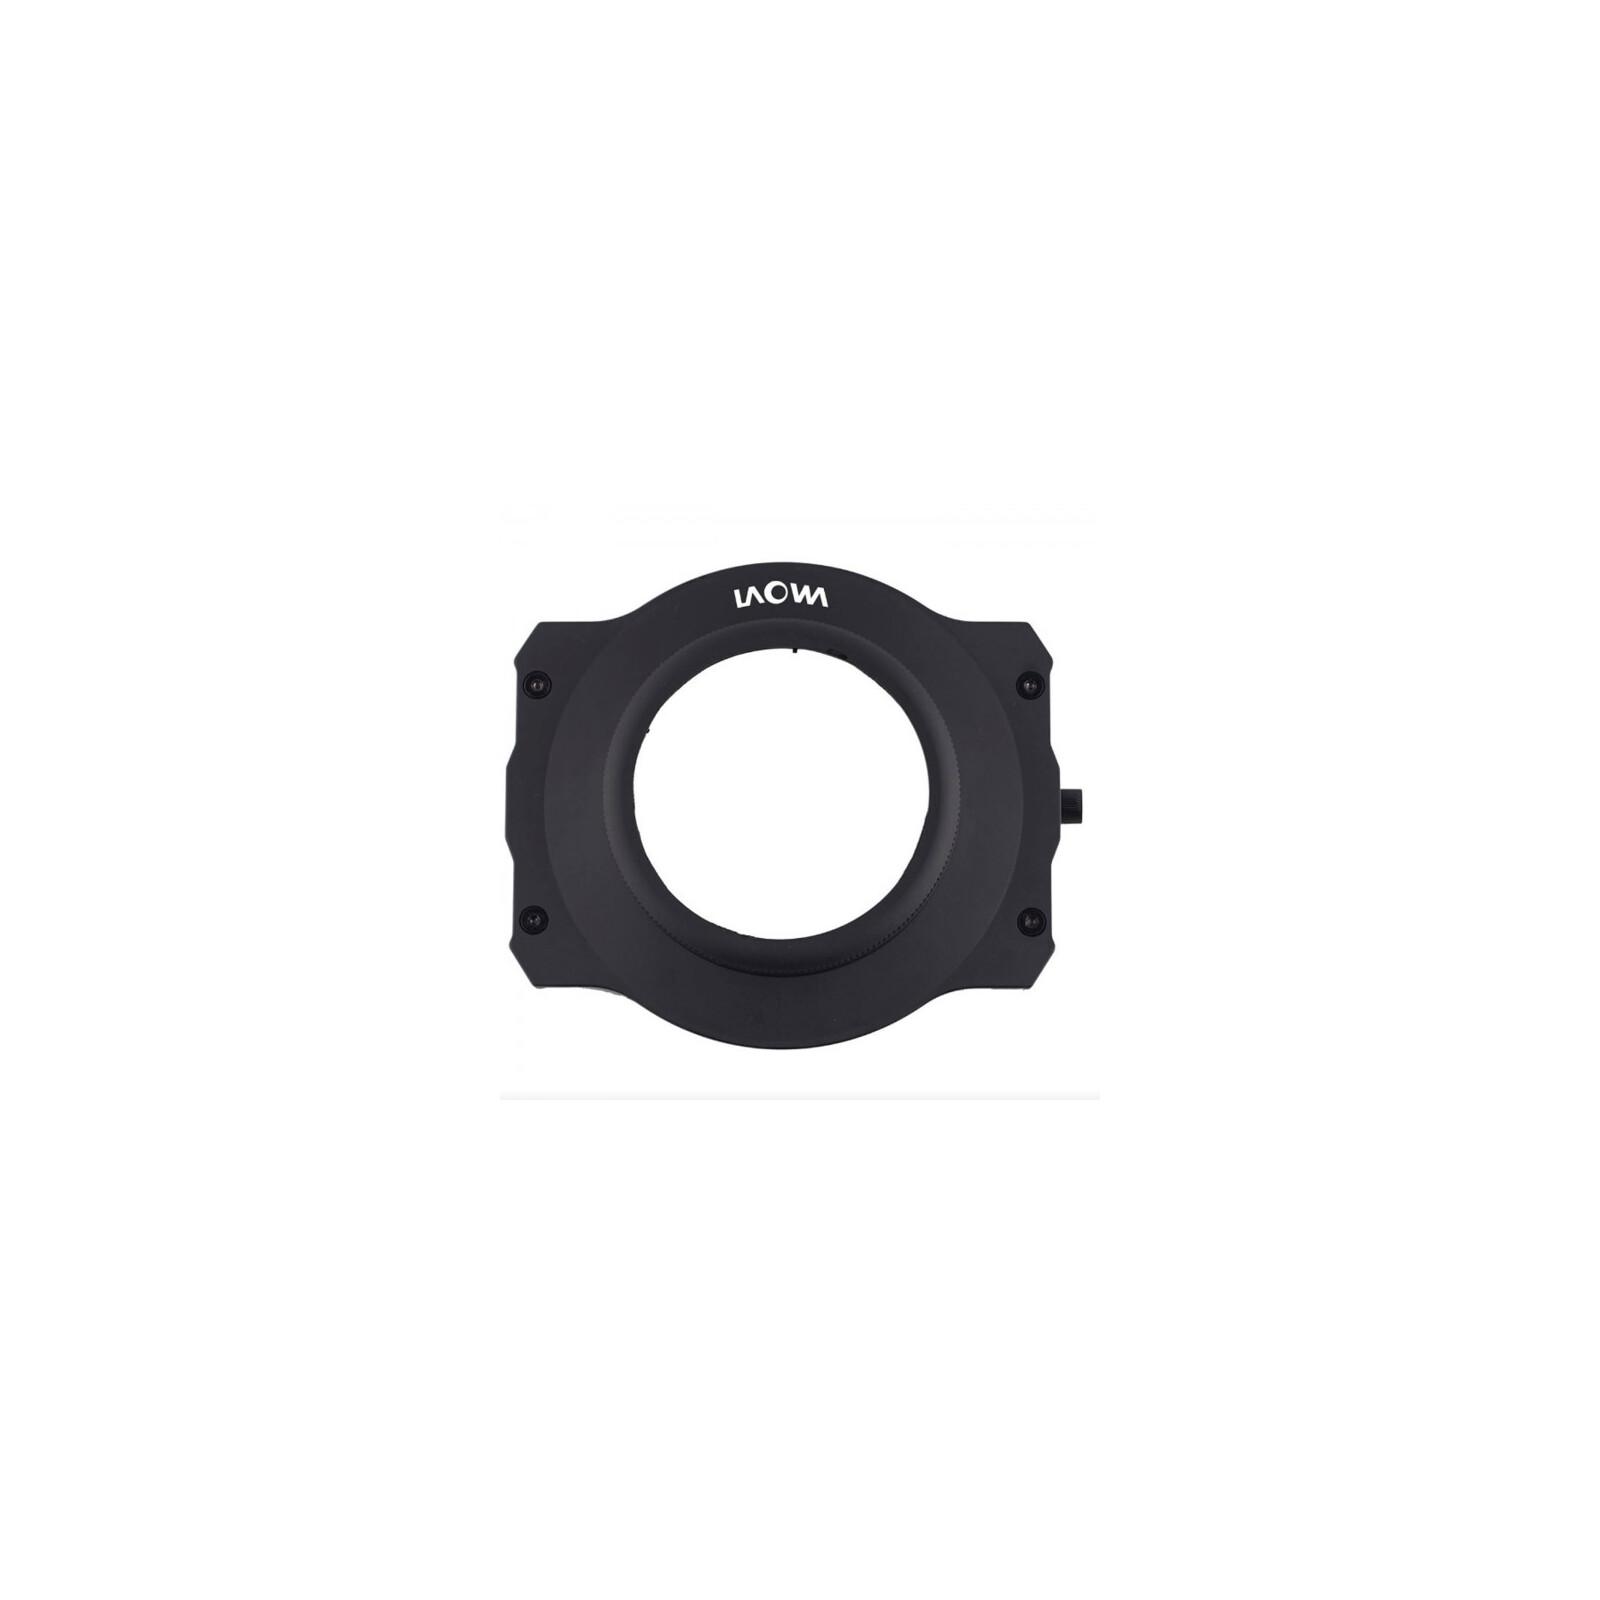 LAOWA Filterhalter Set für 10-18mm